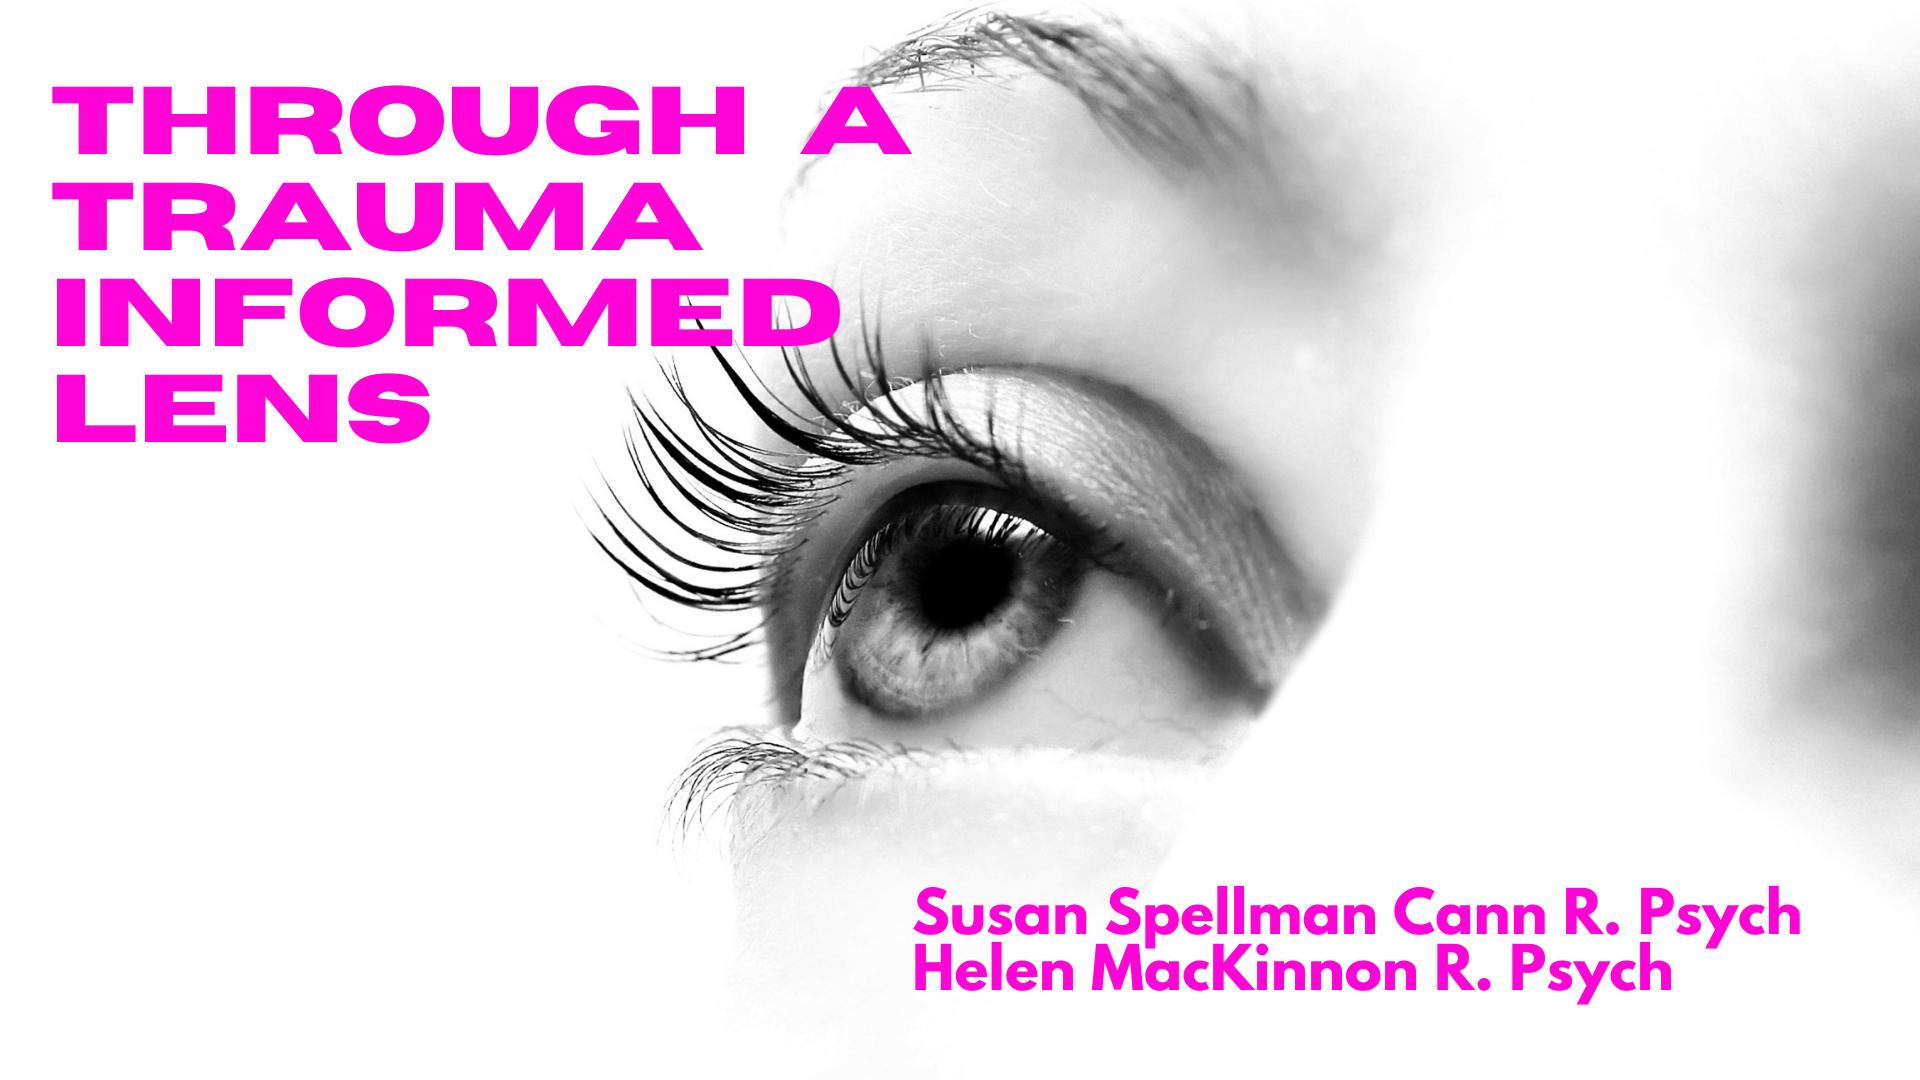 Through A Trauma Informed Lens